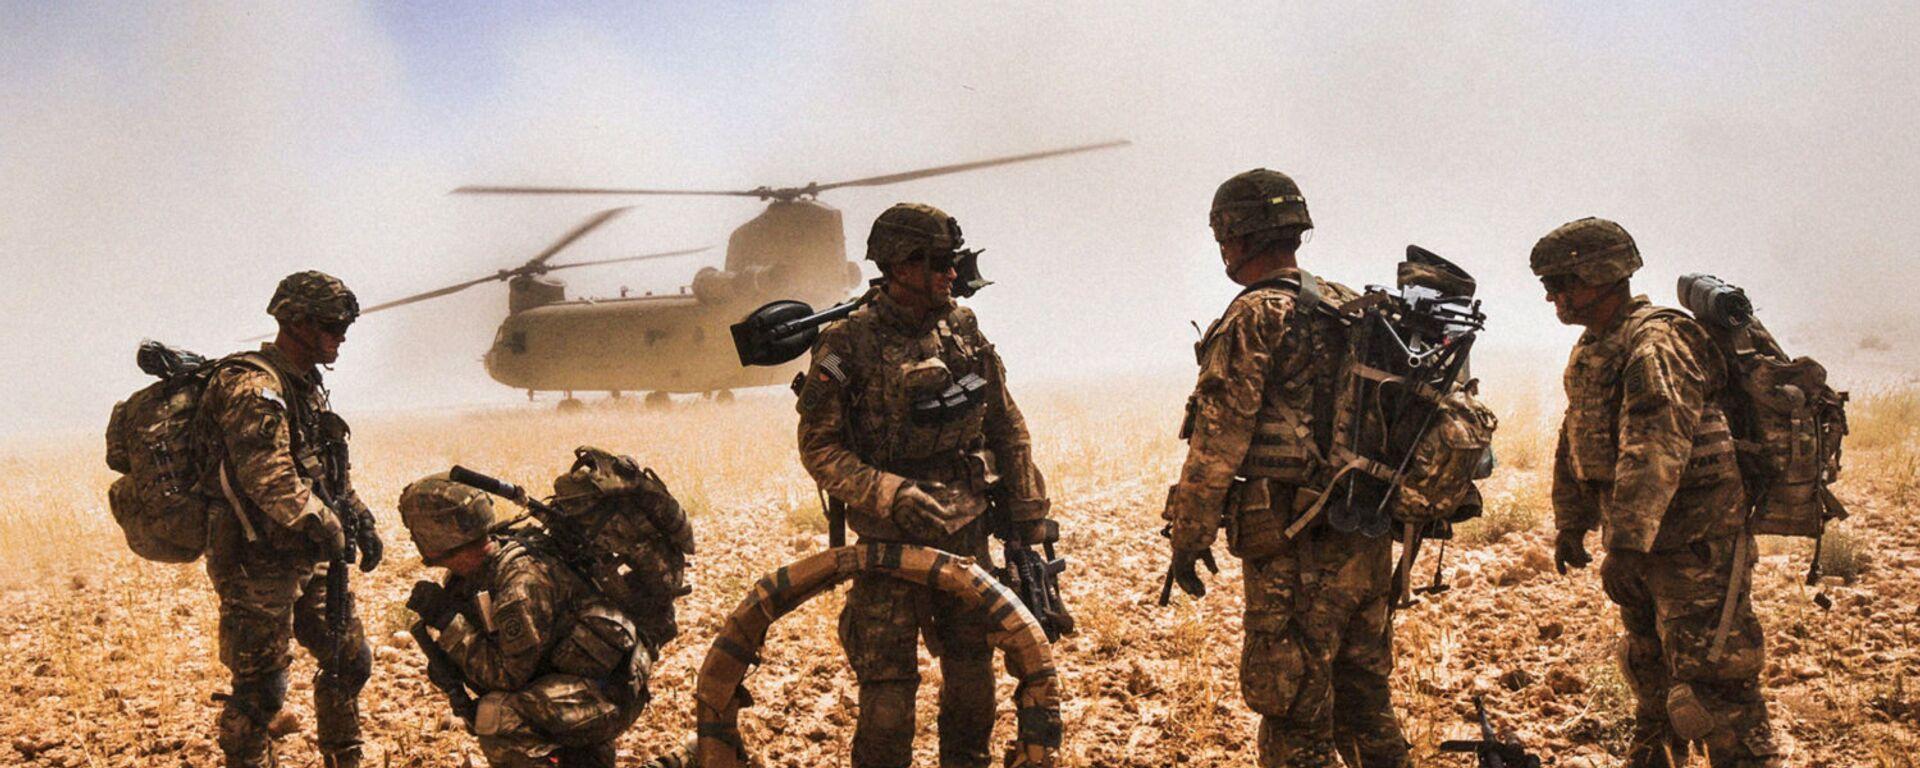 Военнослужащие армии США в Афганистане - Sputnik Таджикистан, 1920, 24.05.2021